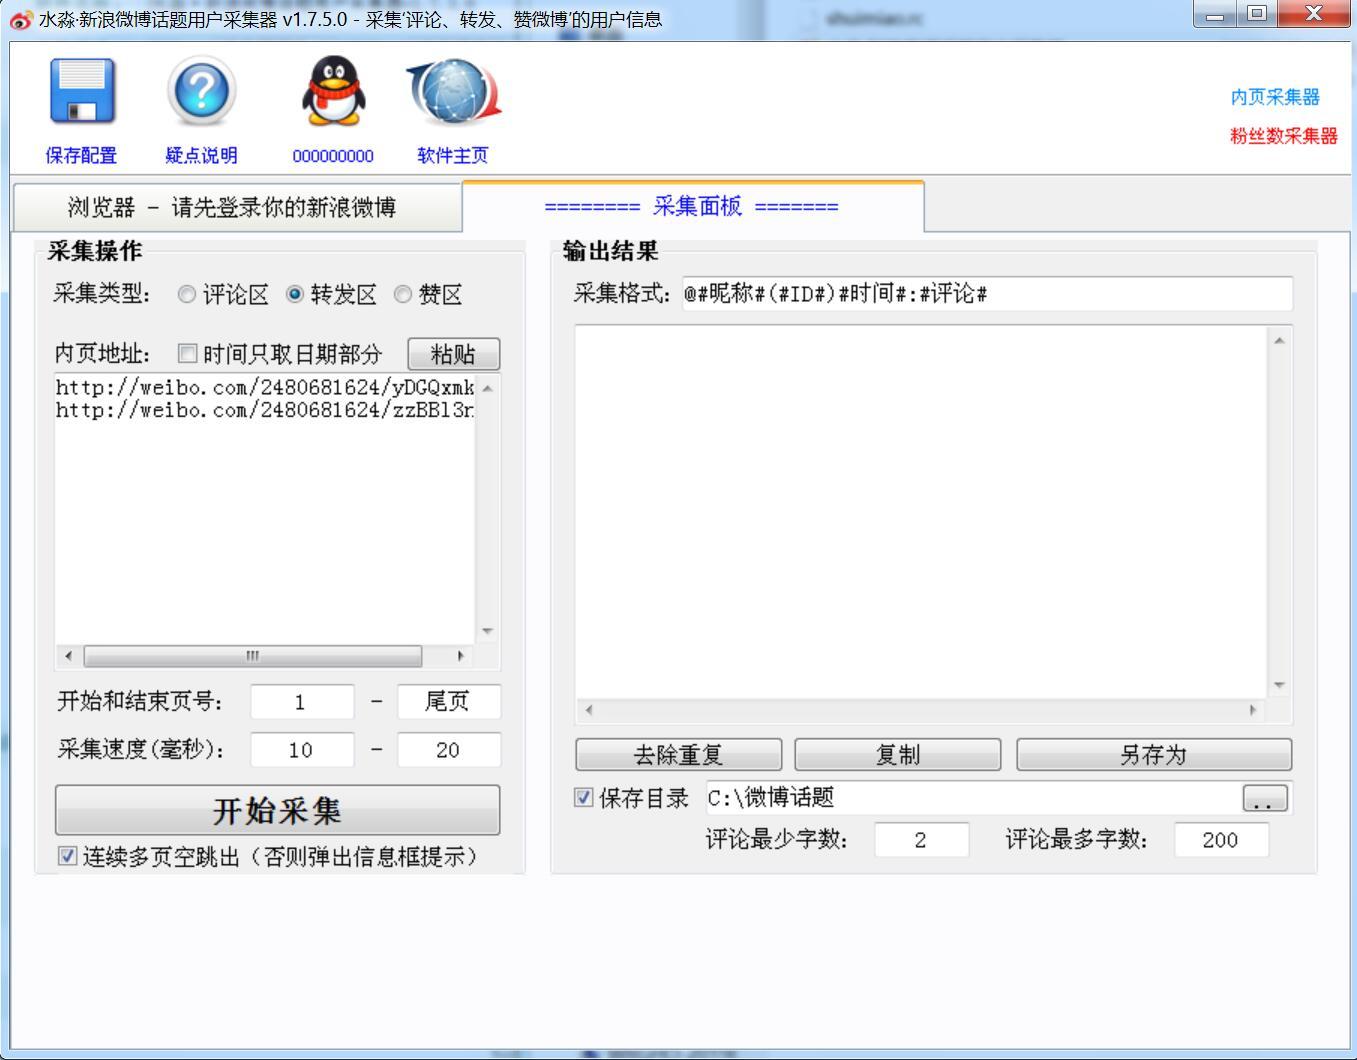 水淼・新浪微博话题用户采集器v1.7.5.0